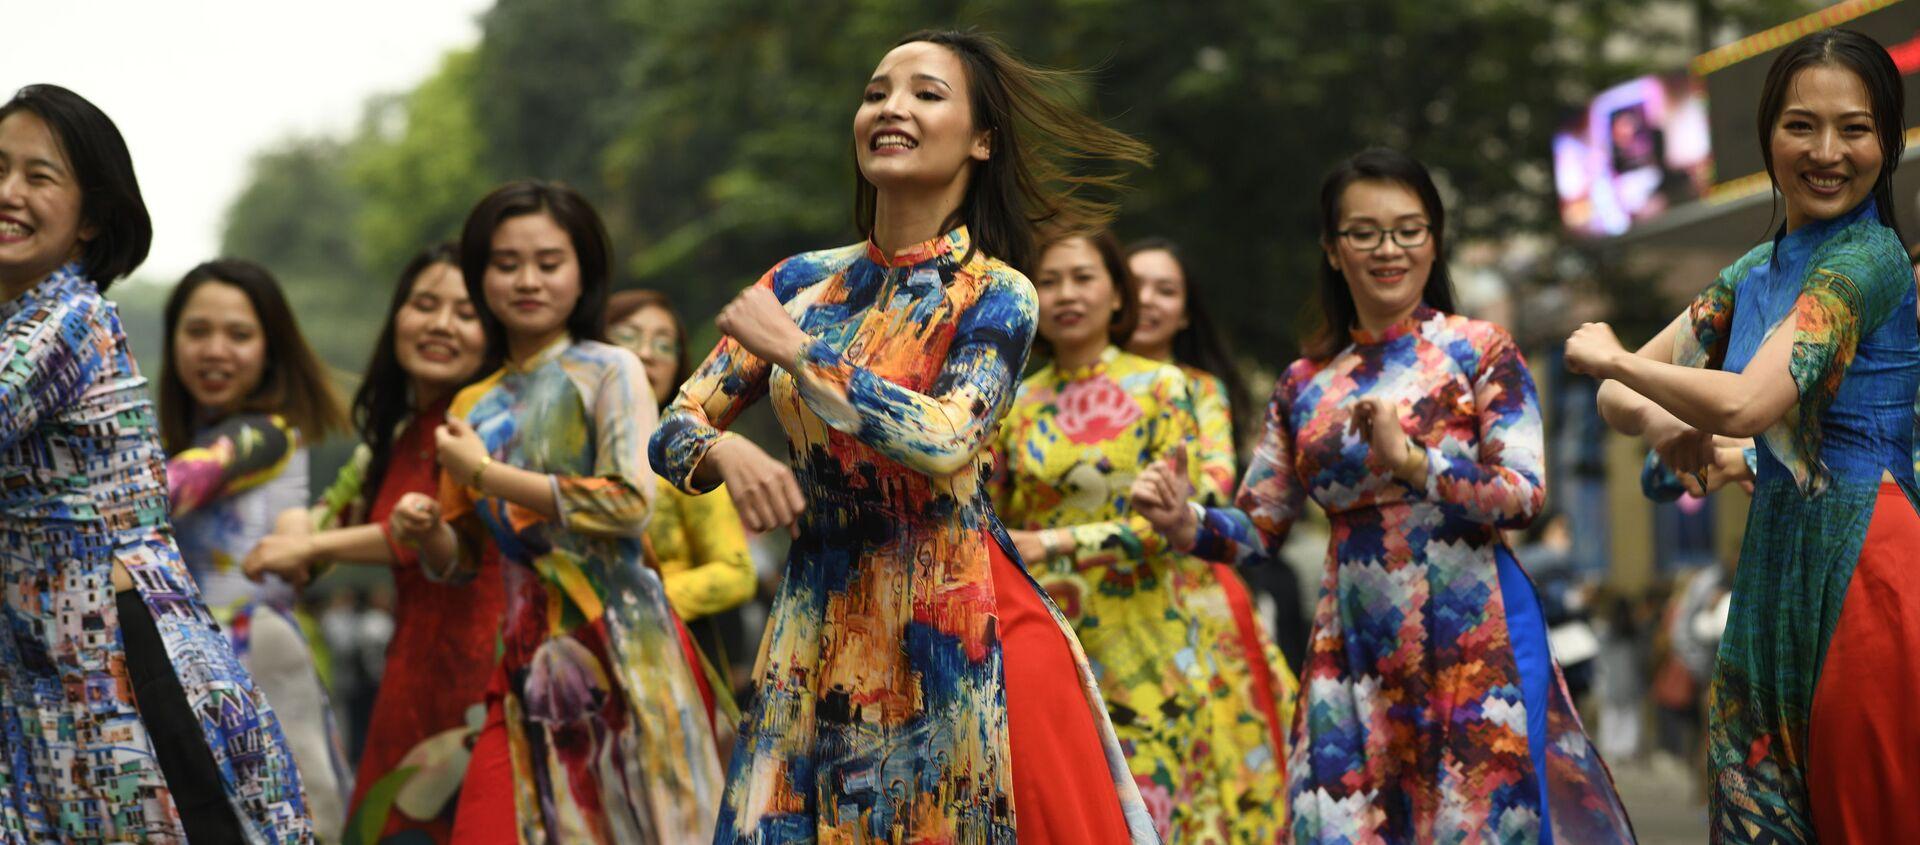 Các cô gái mặc áo dài nhảy múa ở trung tâm Hà Nội - Sputnik Việt Nam, 1920, 07.03.2021